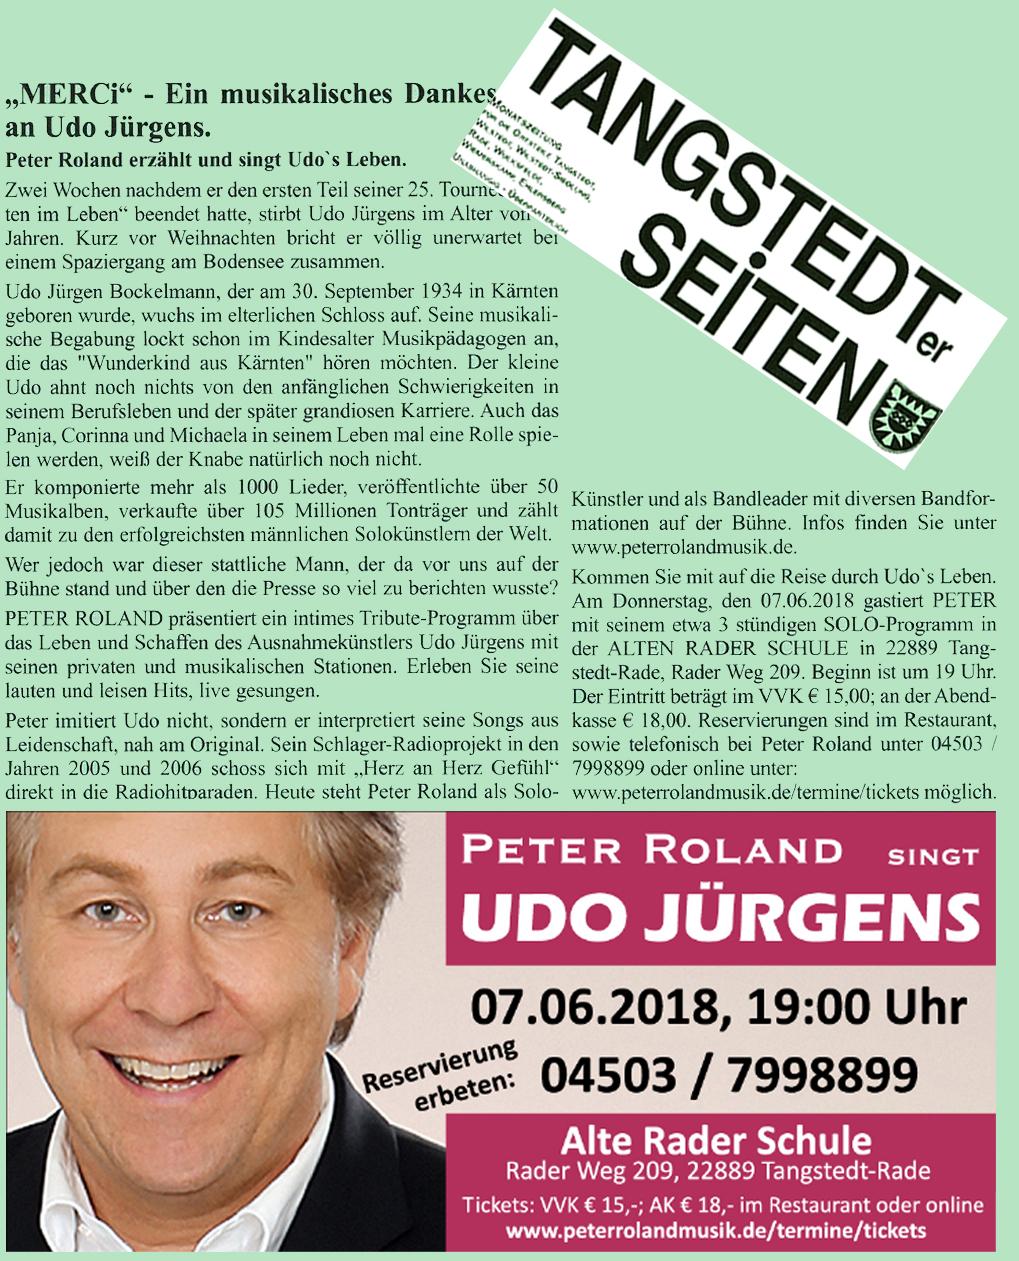 Peter Roland singt Udo Jürgens, Tangstedter Seiten